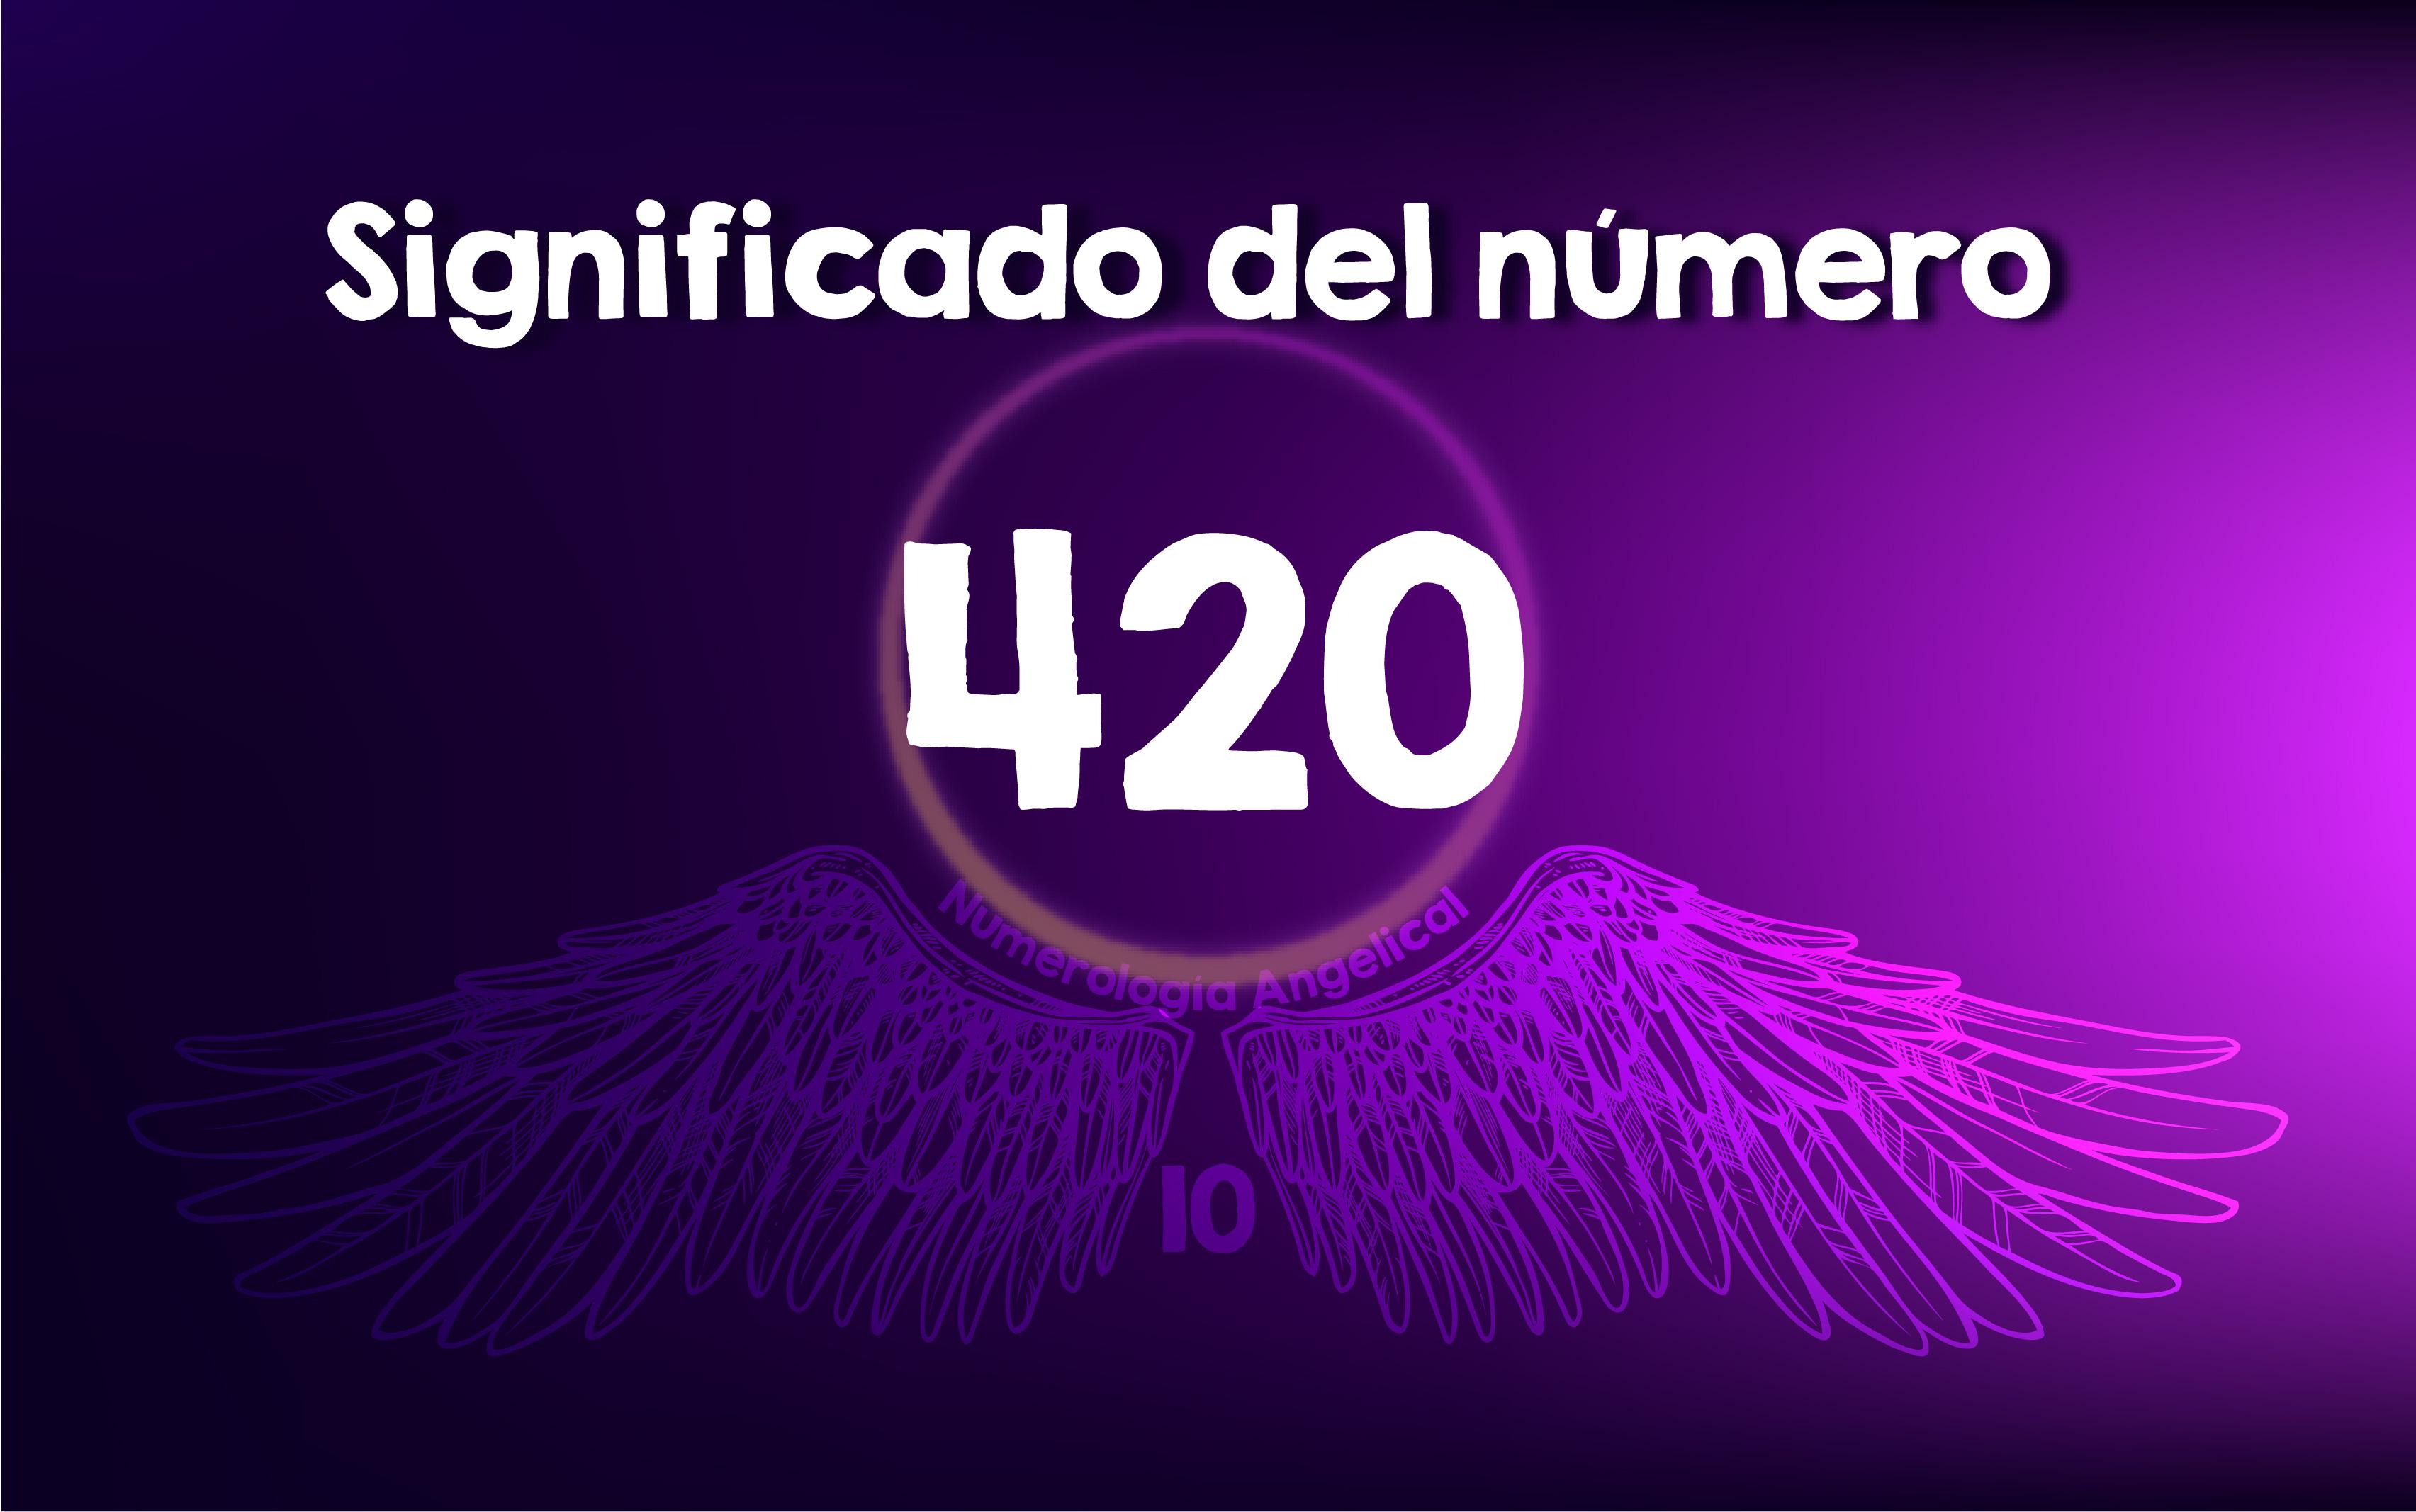 Significado del número 420